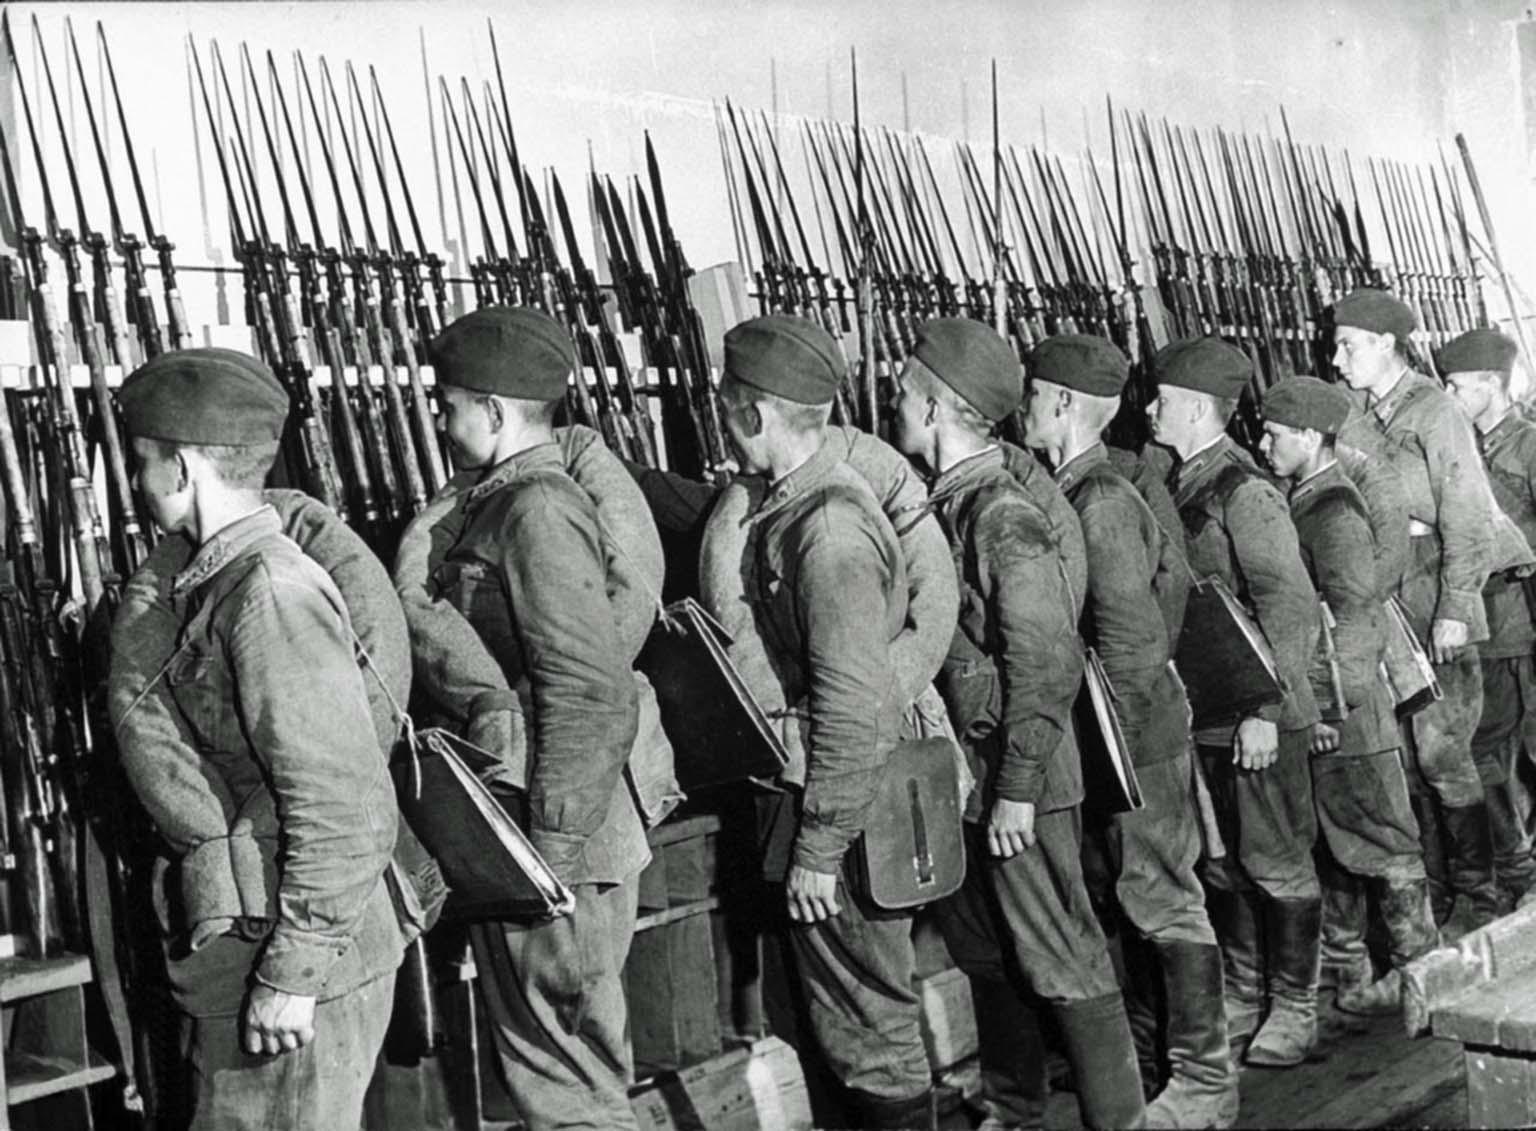 Soviet cadets